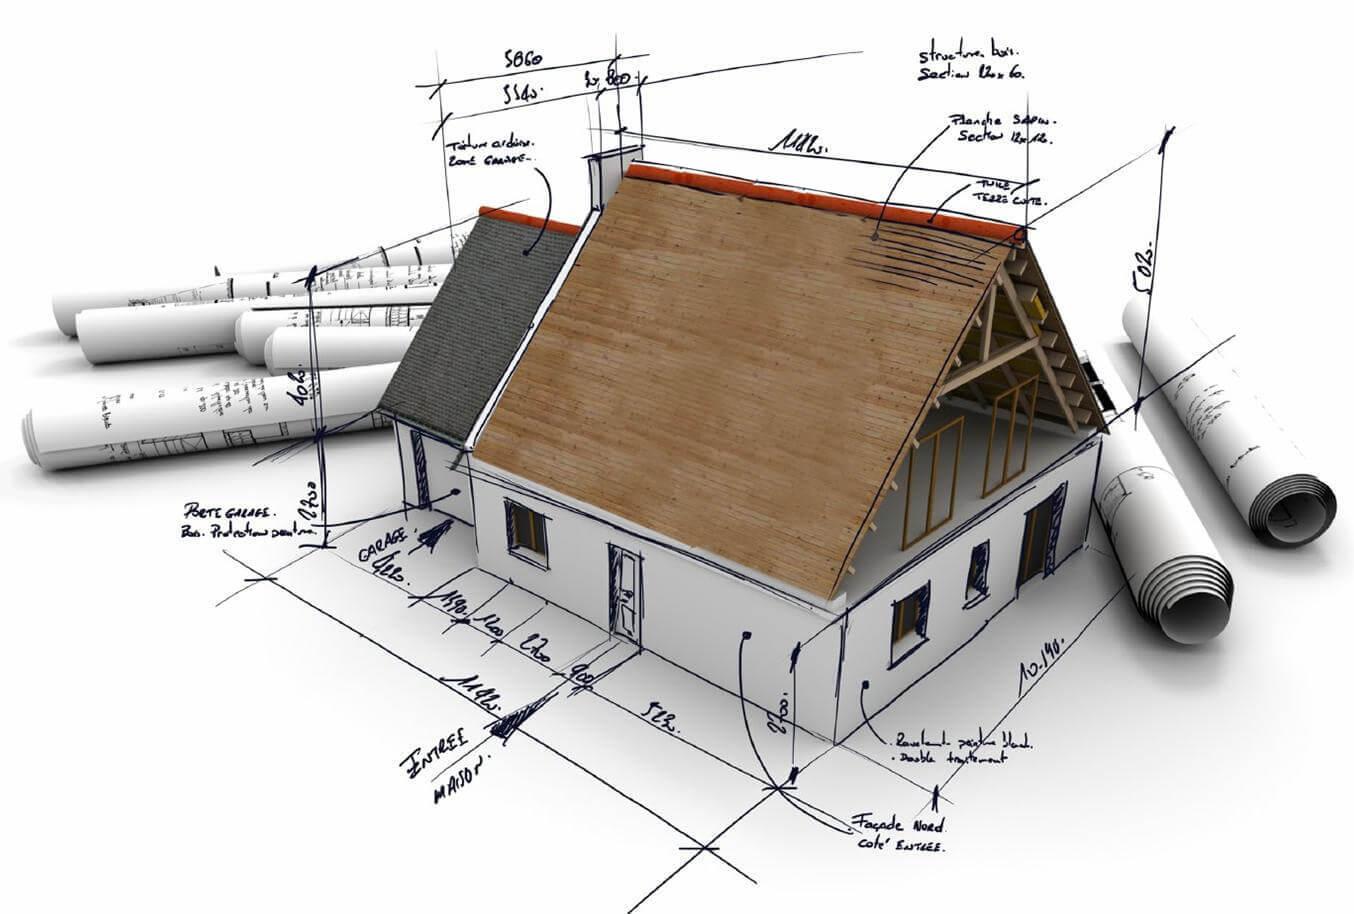 дипломне проектування за спеціальністю 192 будівництво та цивільна інженерія